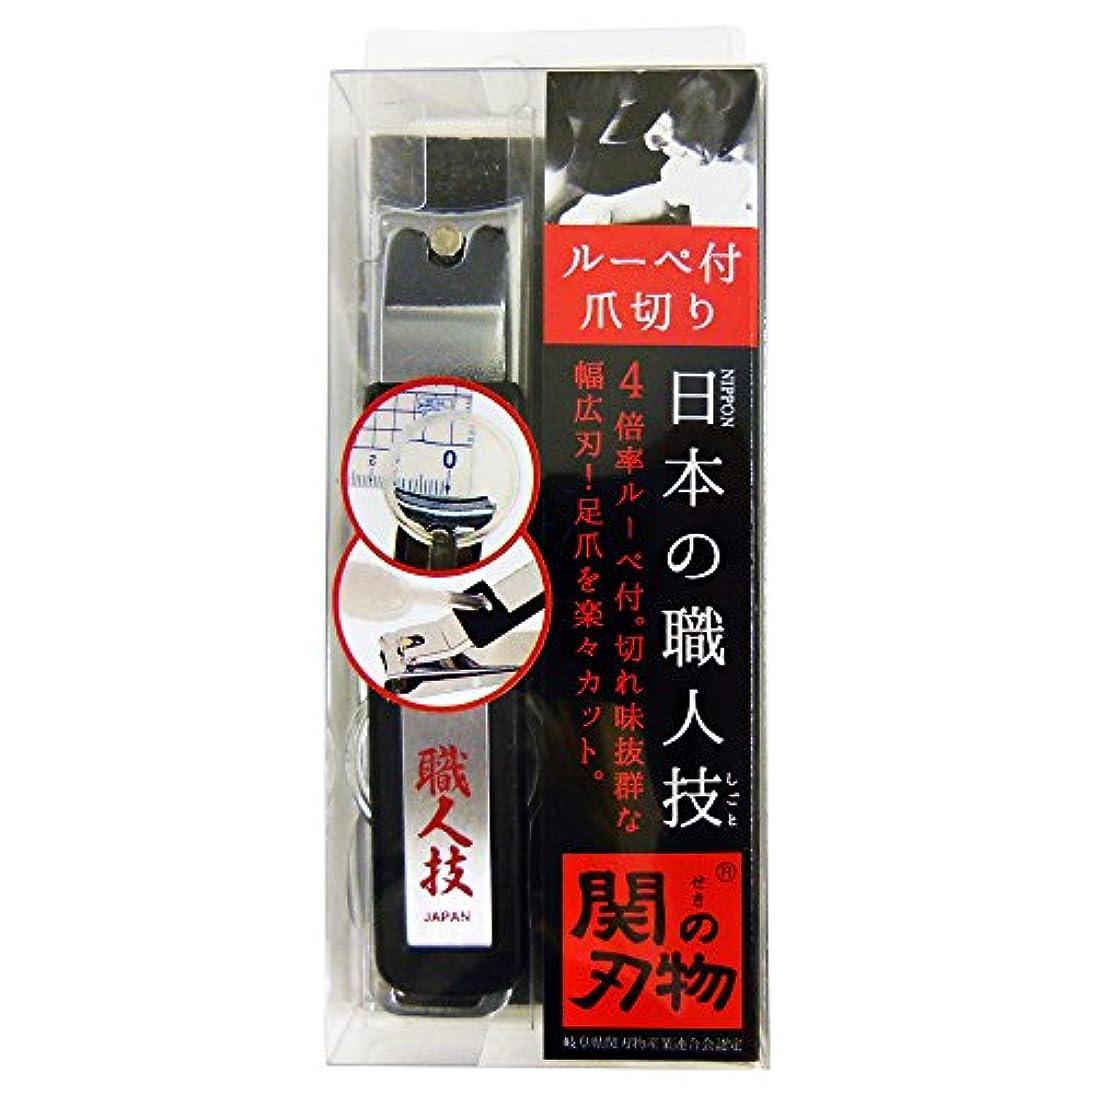 発動機生産性受益者関の刃物 ルーペ付爪切り SK-07 (1個入)